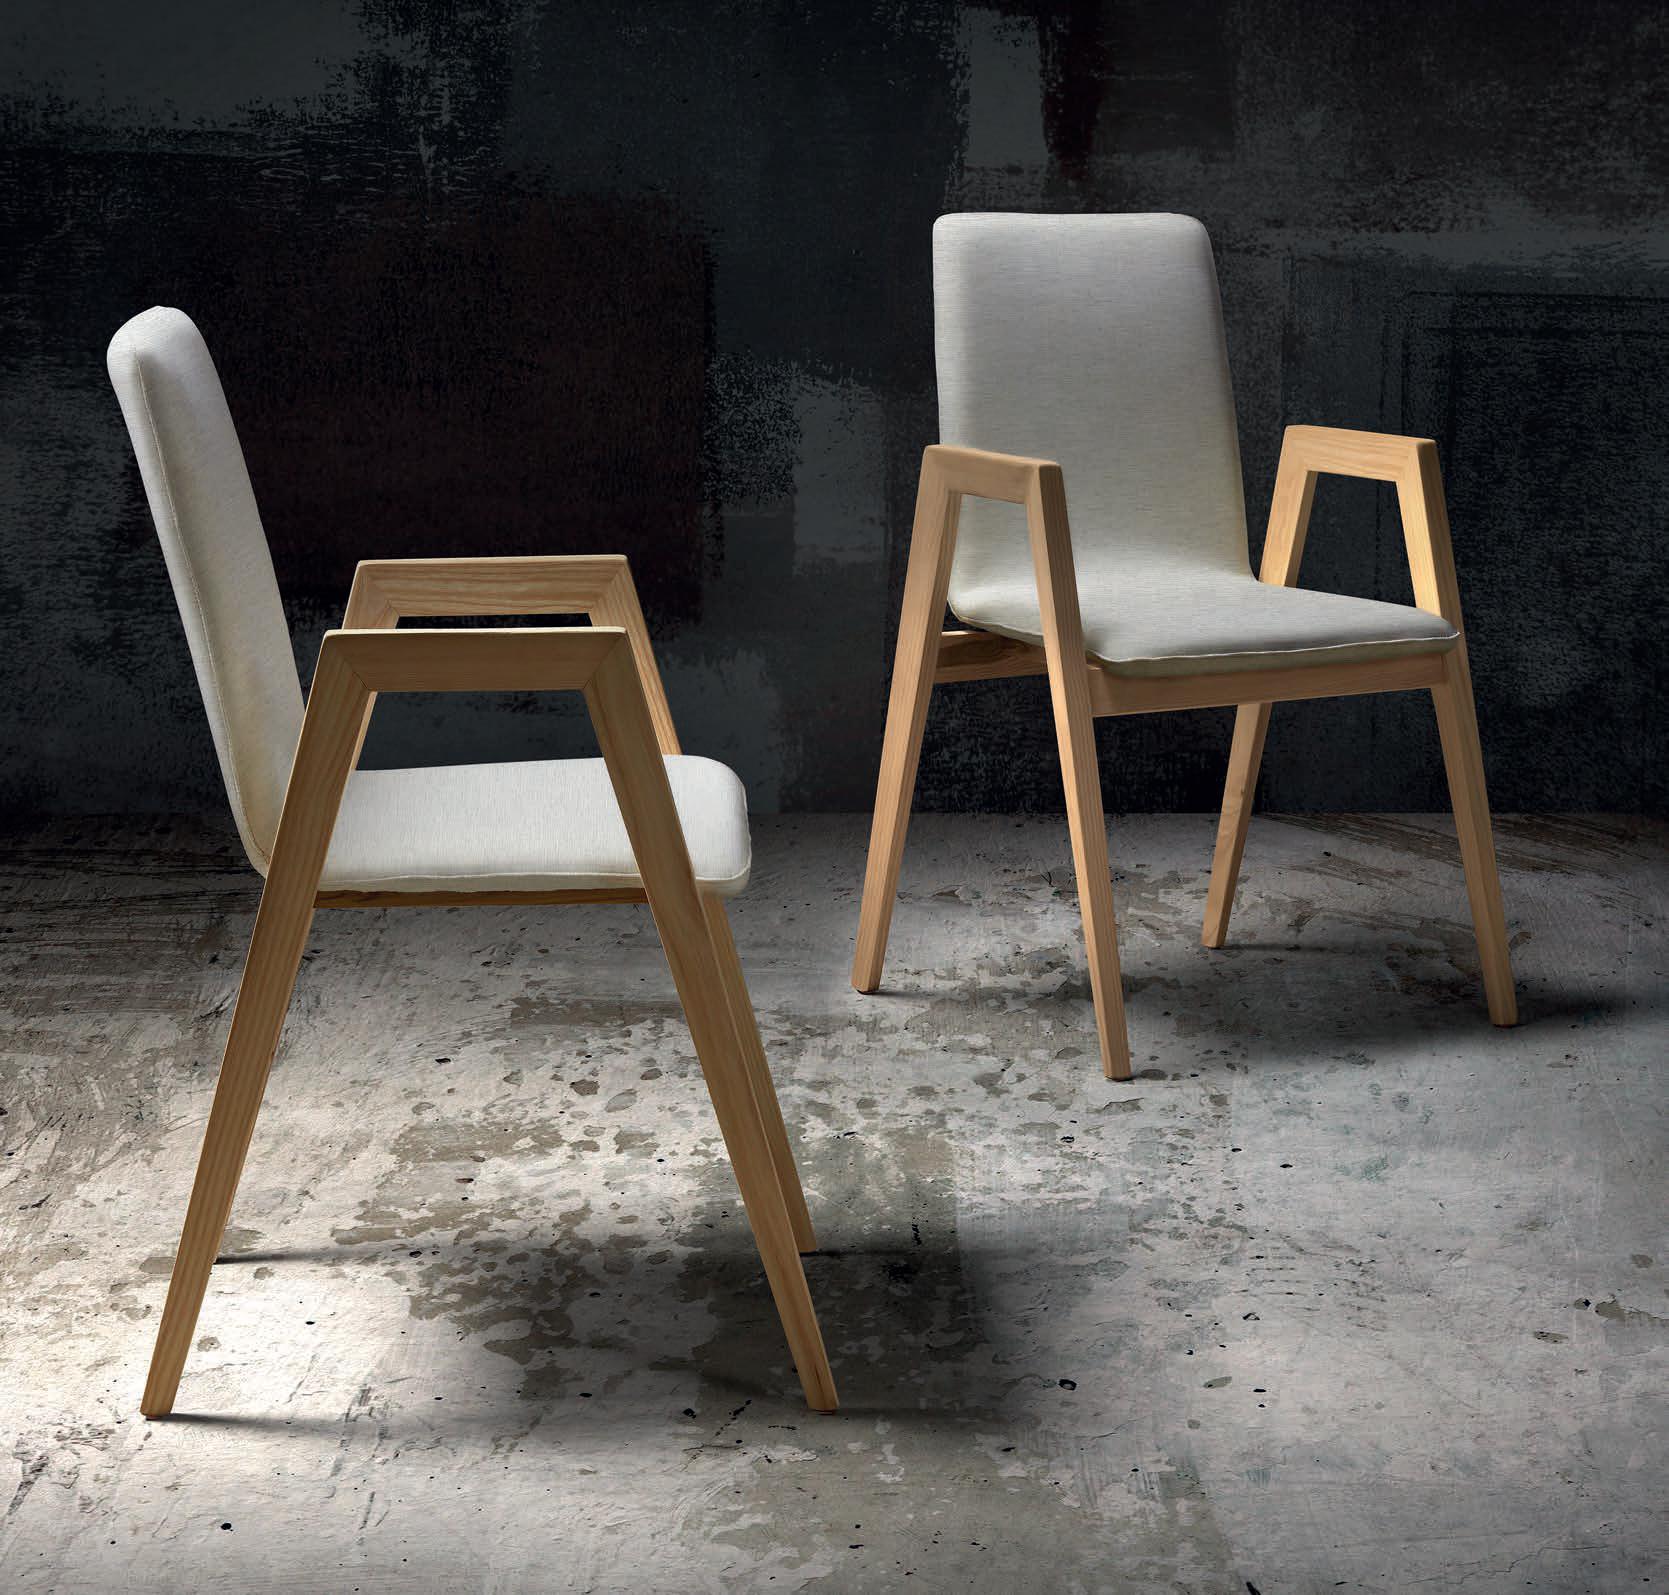 silla-moderna-04